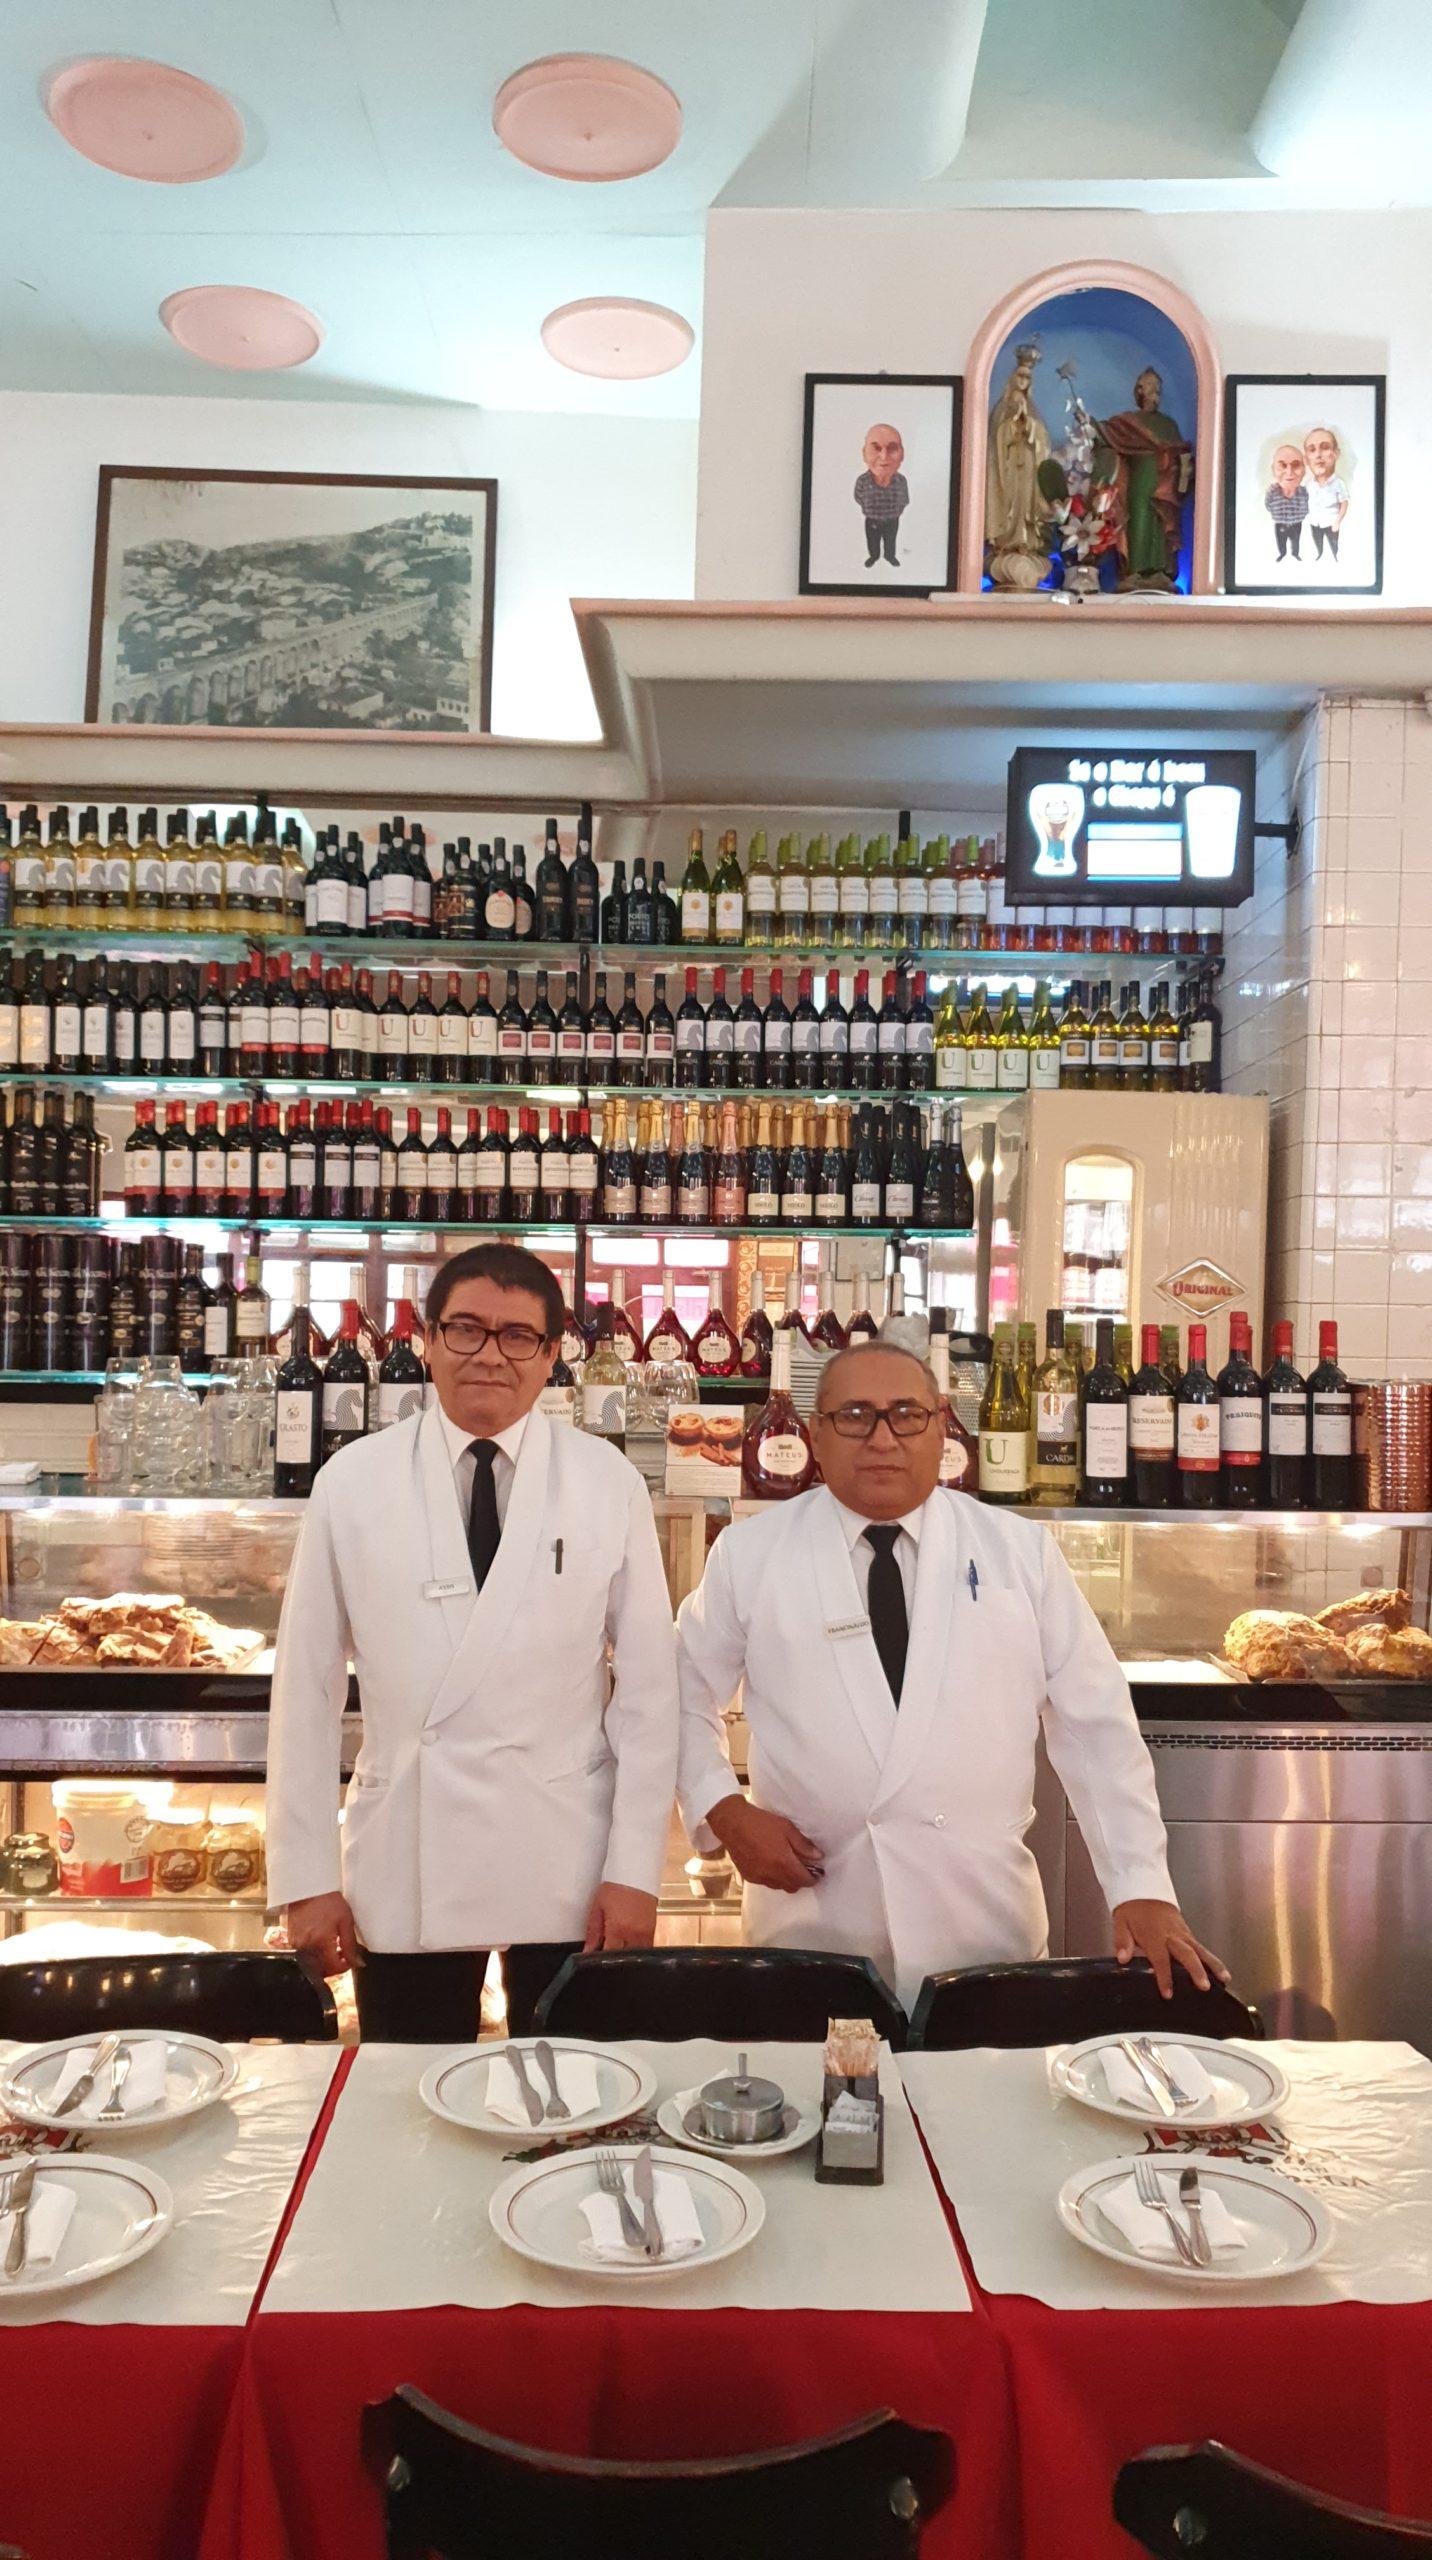 Garçons Assis e Francinaldo, exemplos de hospitalidade, Bar e Restaurante Nova Capela, Lapa, Rio de Janeiro